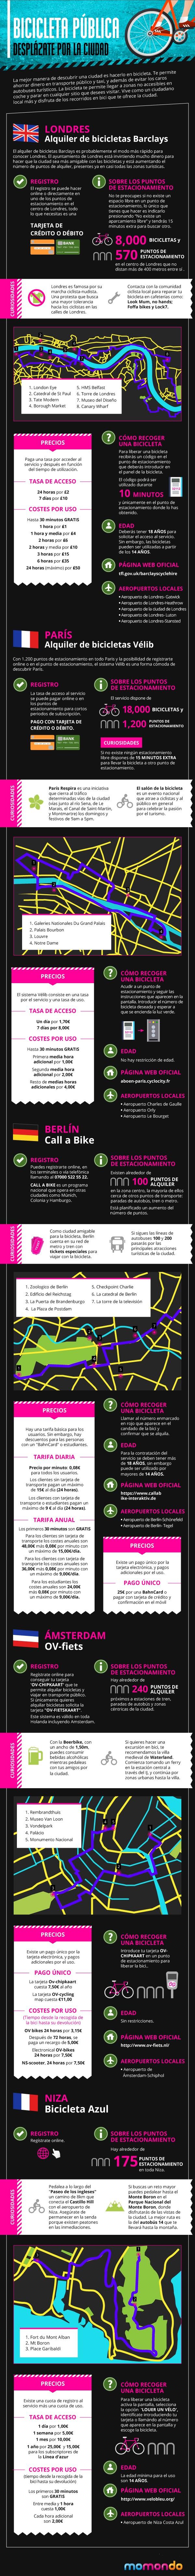 Infografia turismo en bicicleta